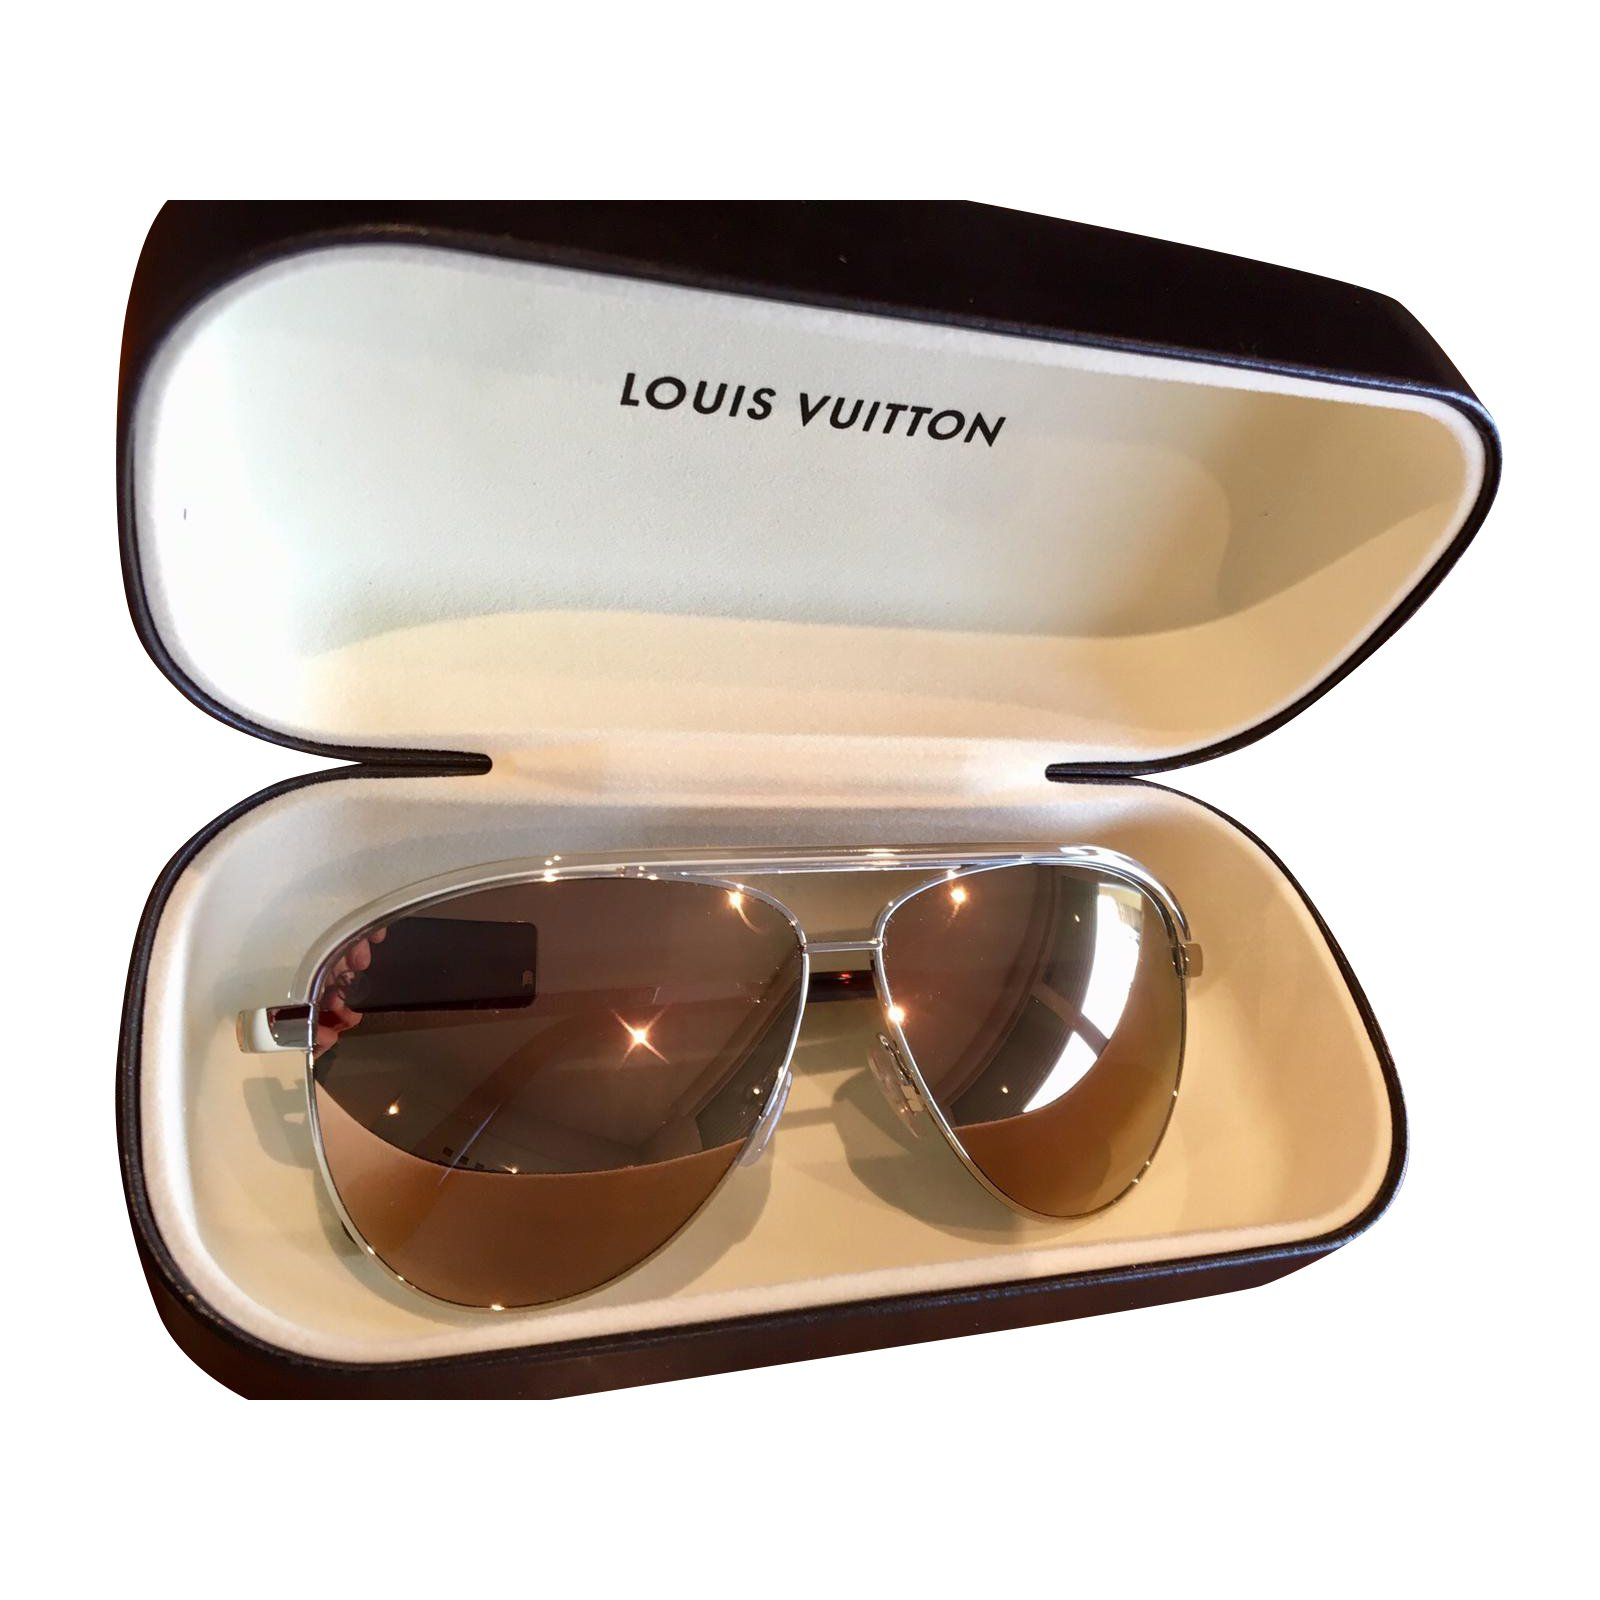 Lunettes Louis Vuitton LUnettes de soleil pour femme Louis Vuitton Z0858U  Autre Rose,Doré ref 91e9af4d0297